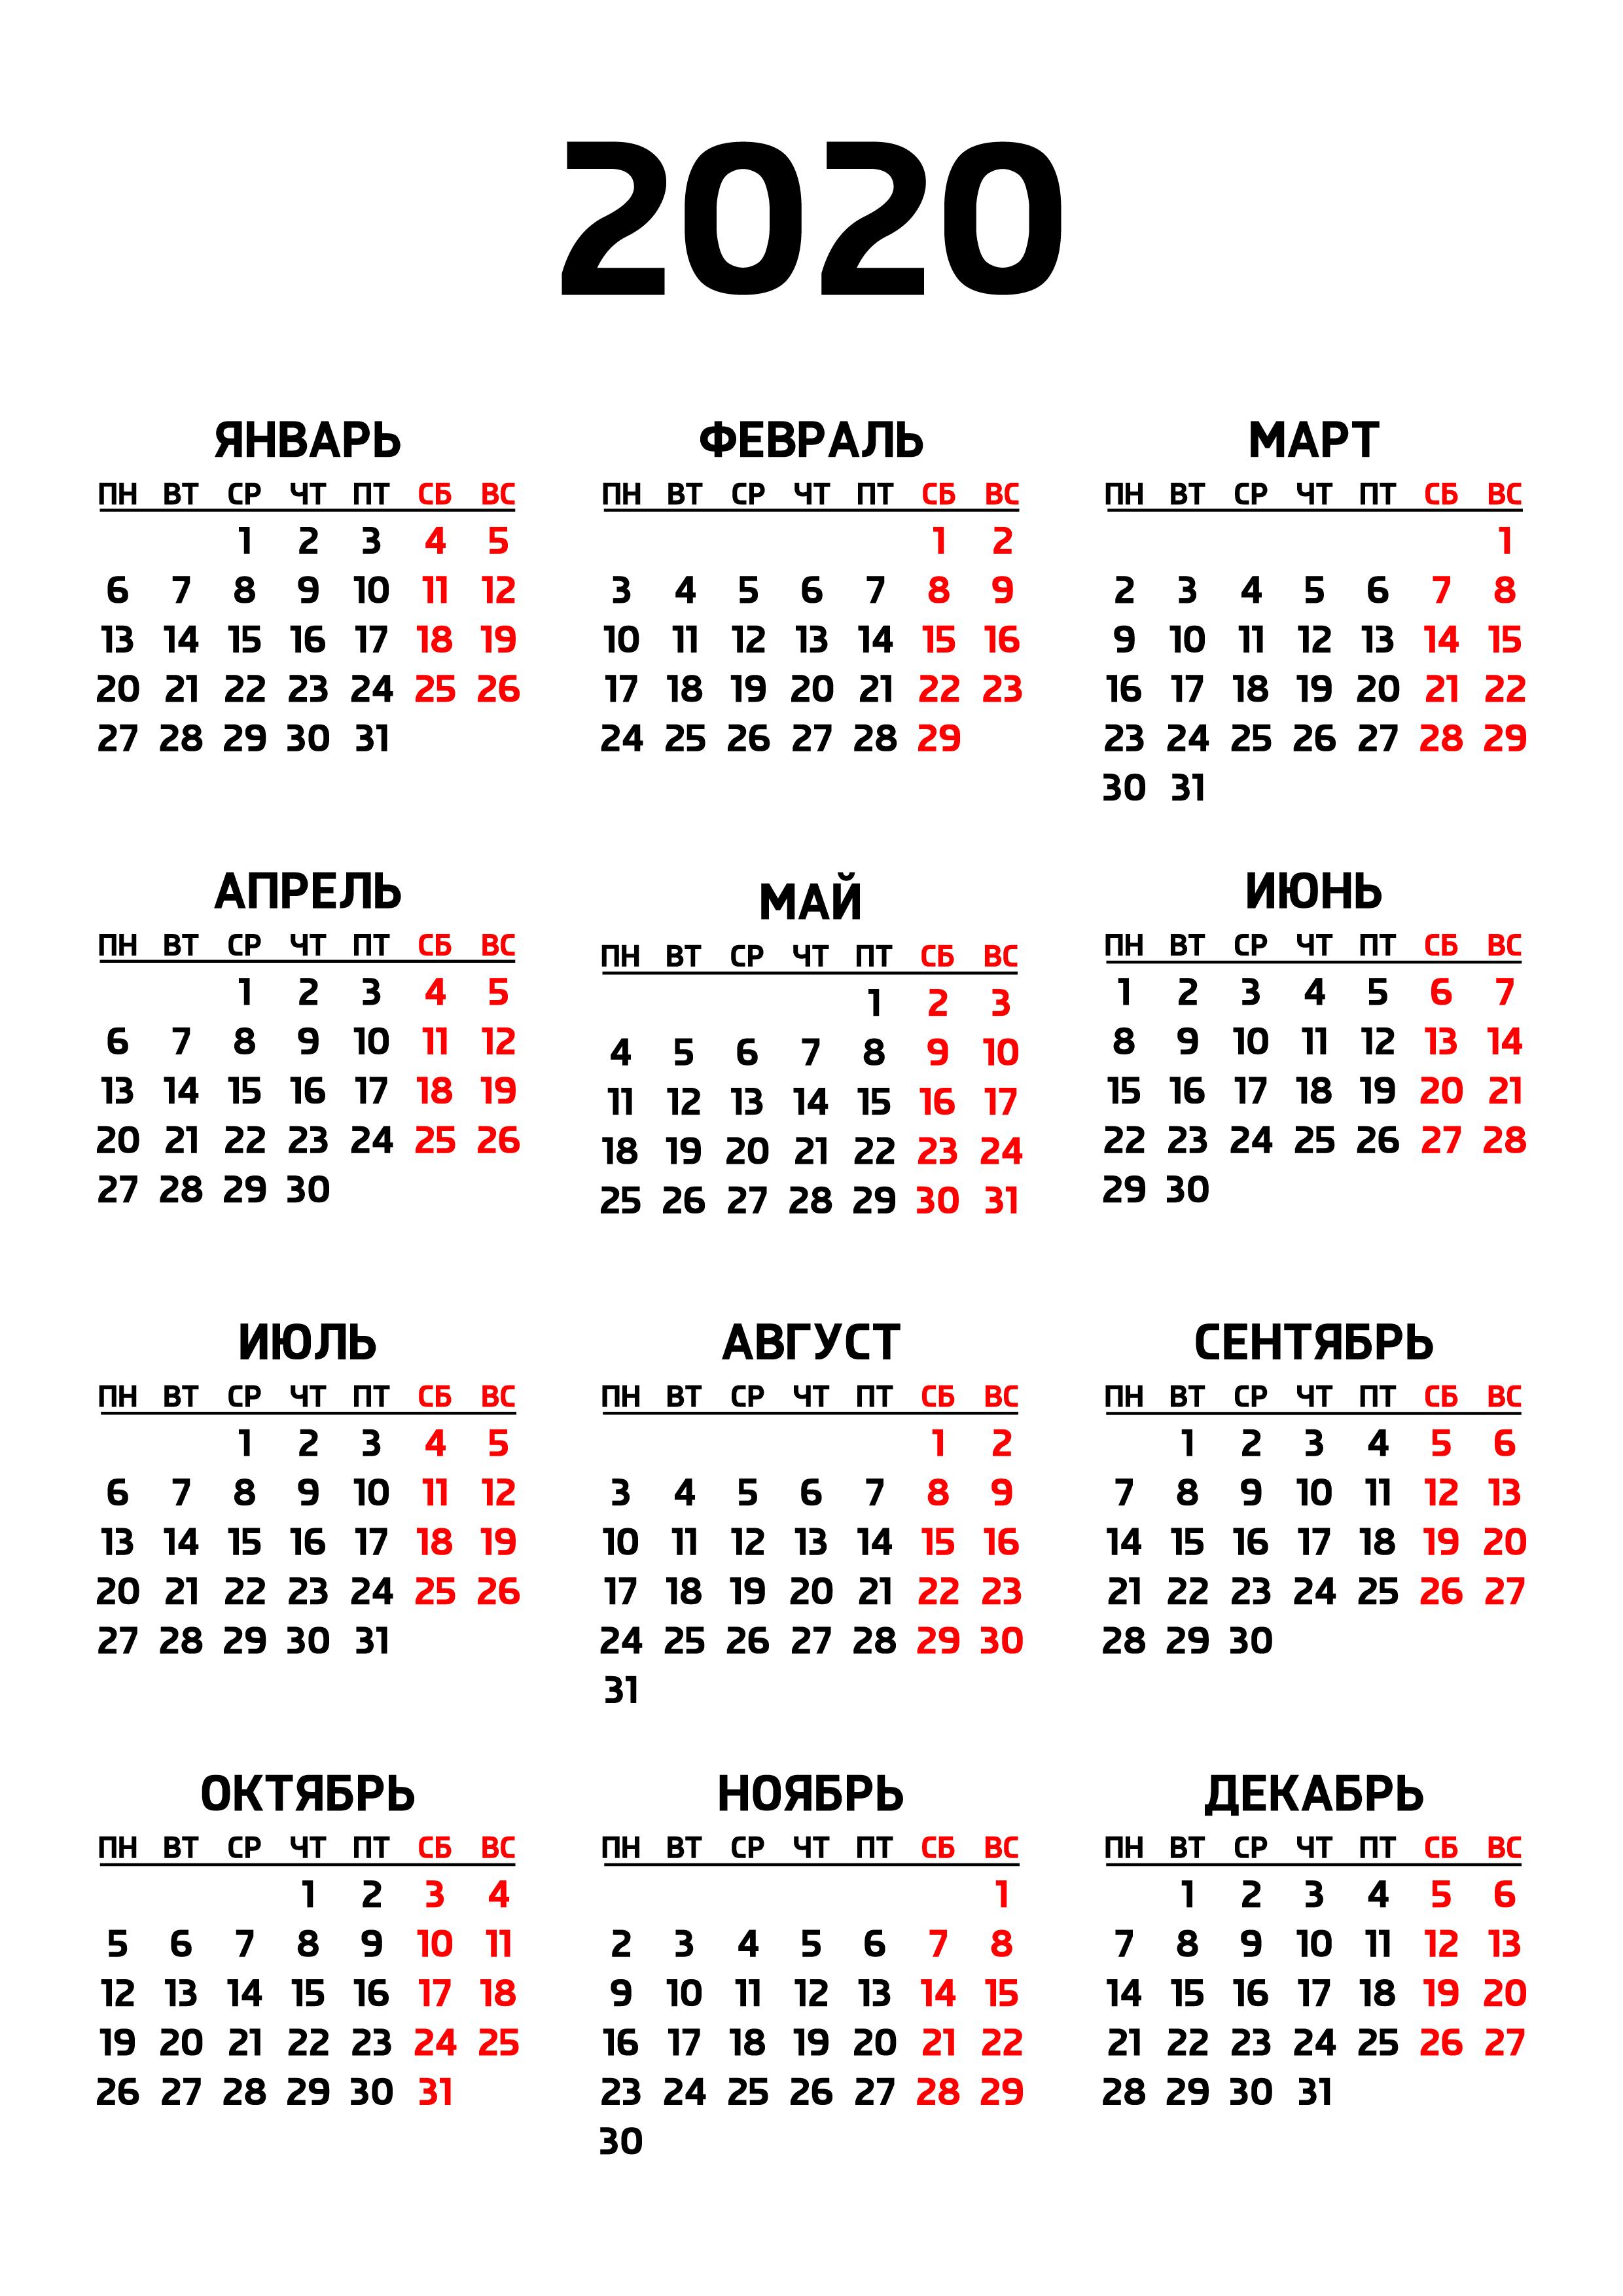 Шаблон Календаря На 2020 Год Скачать Бесплатно — 3Mu.ru in Бланк Календаря На Год